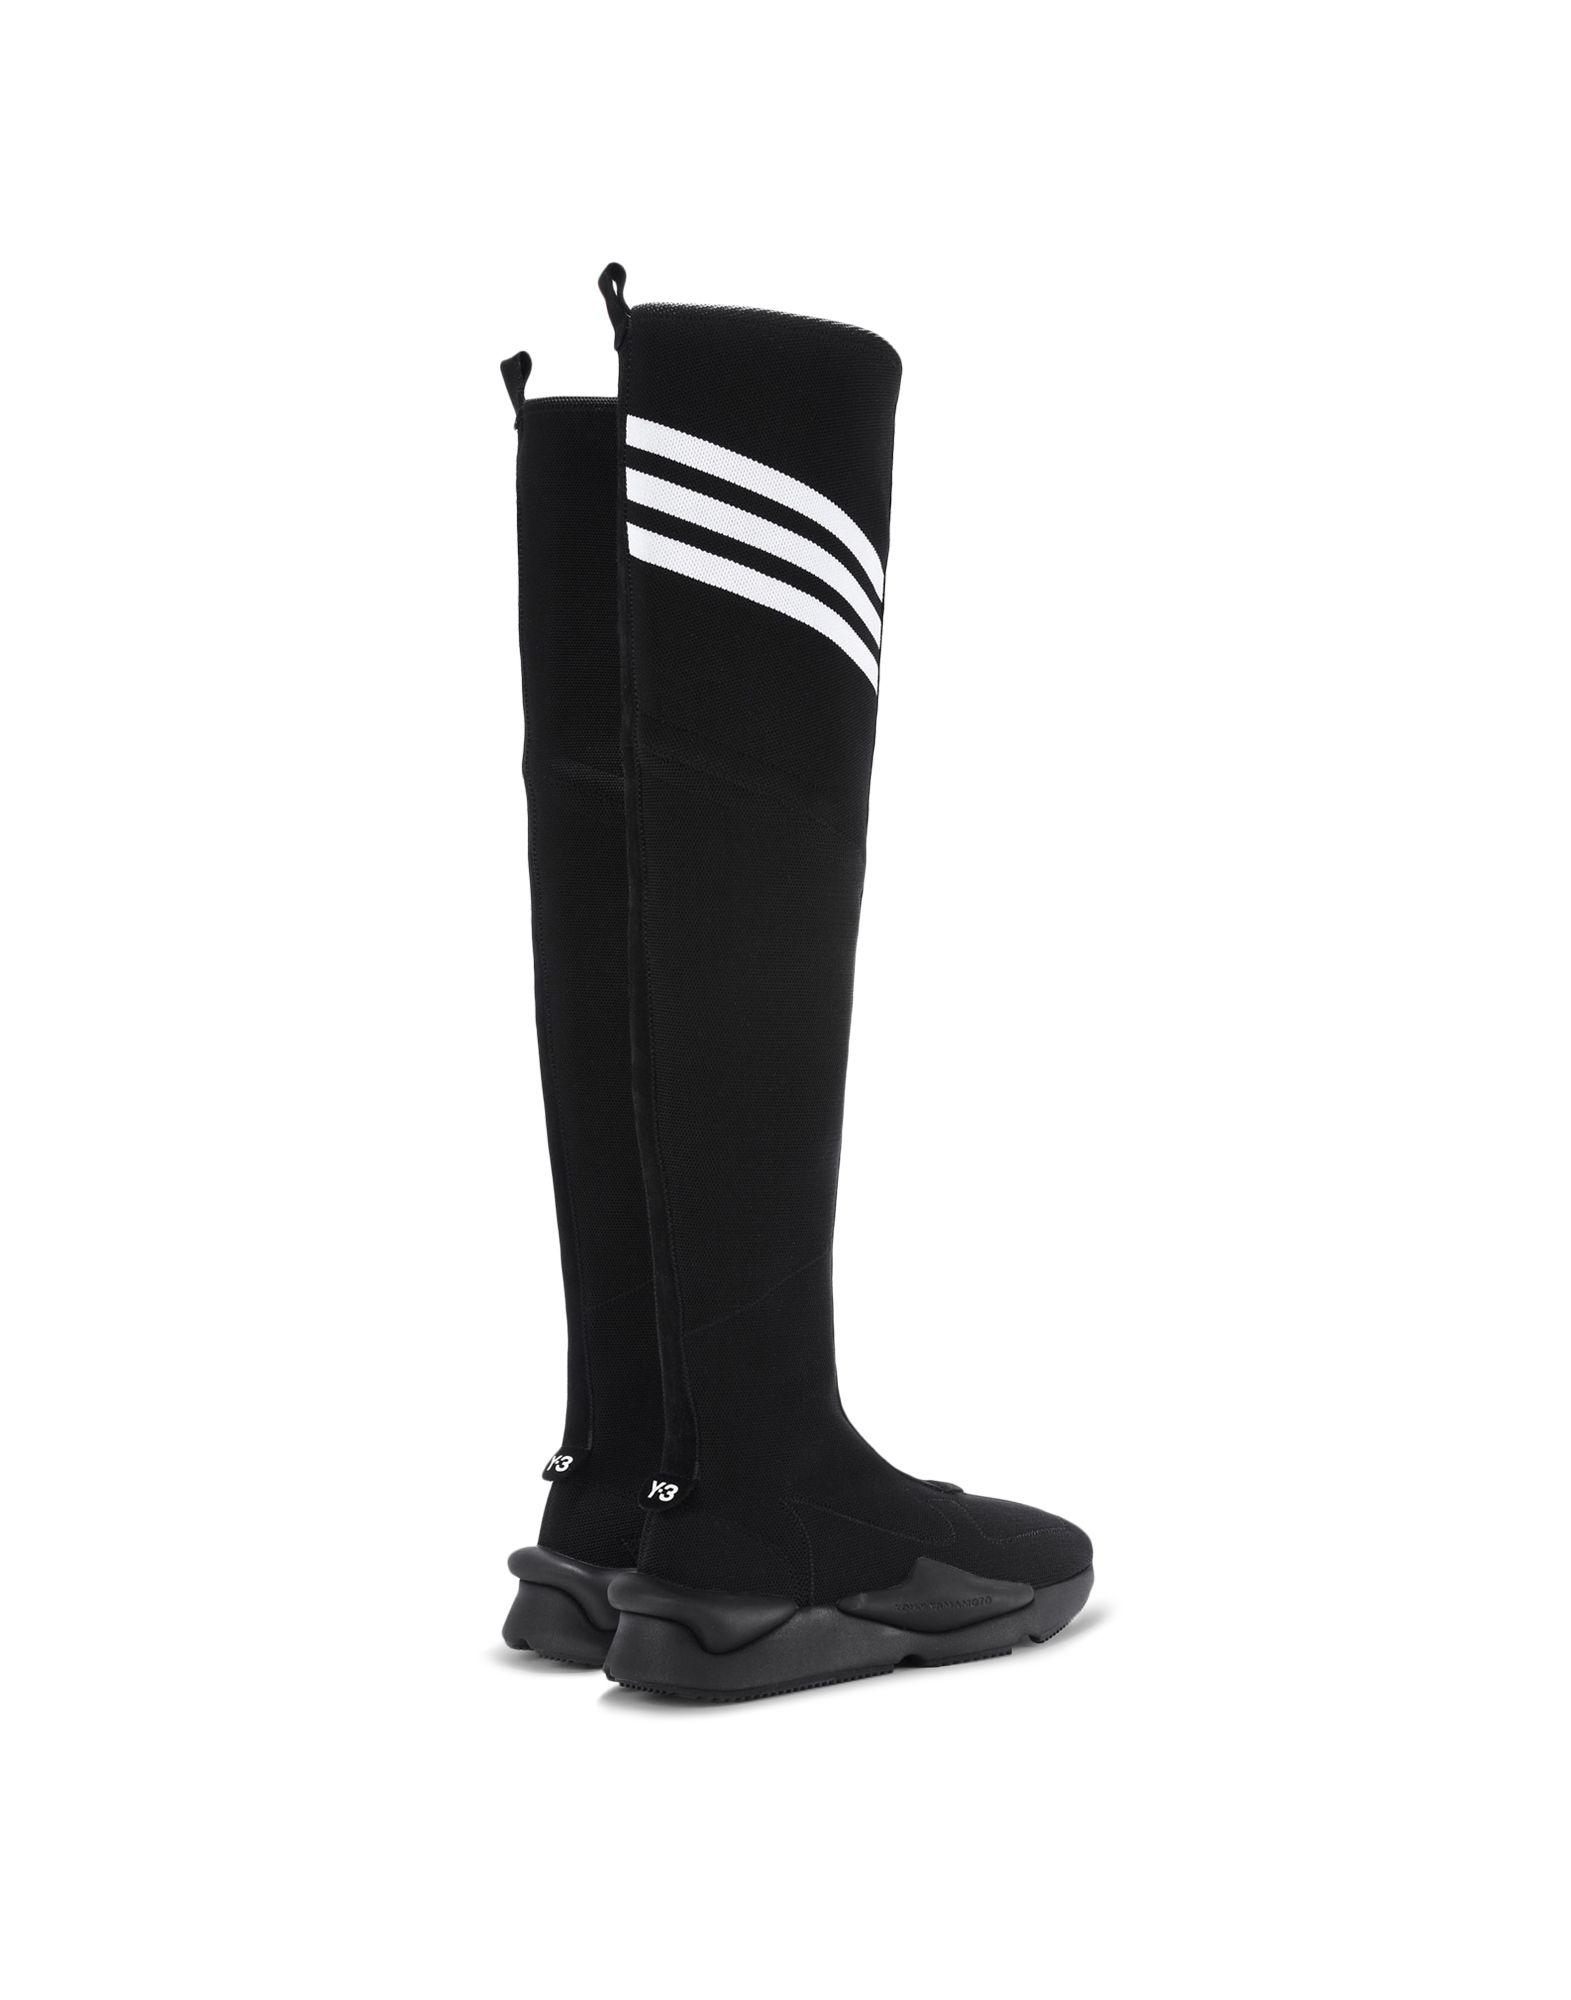 Y-3 Y-3 Kaiwa Boot Stiefel Damen c